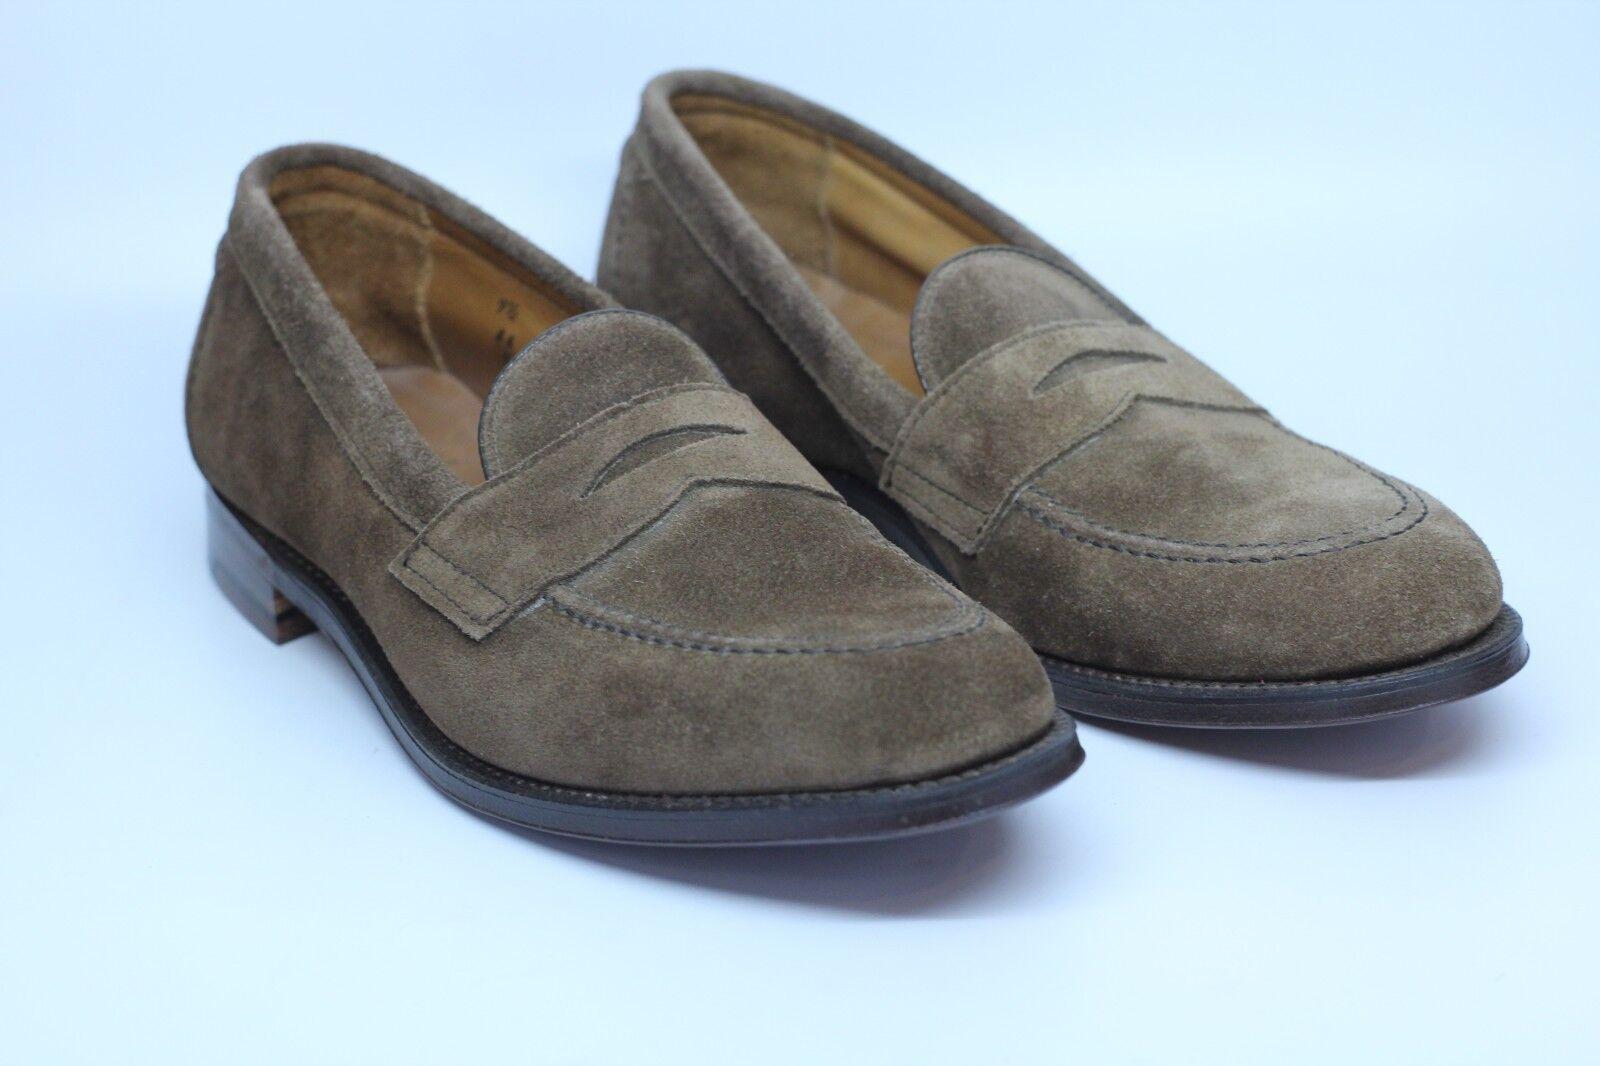 2195f1a9 Alden 9697 F antideslizante en mocasines zapatos de gamuza marrón Flex Welt  EE. UU. B Hecho en ntqeib8479-Zapatos de vestir